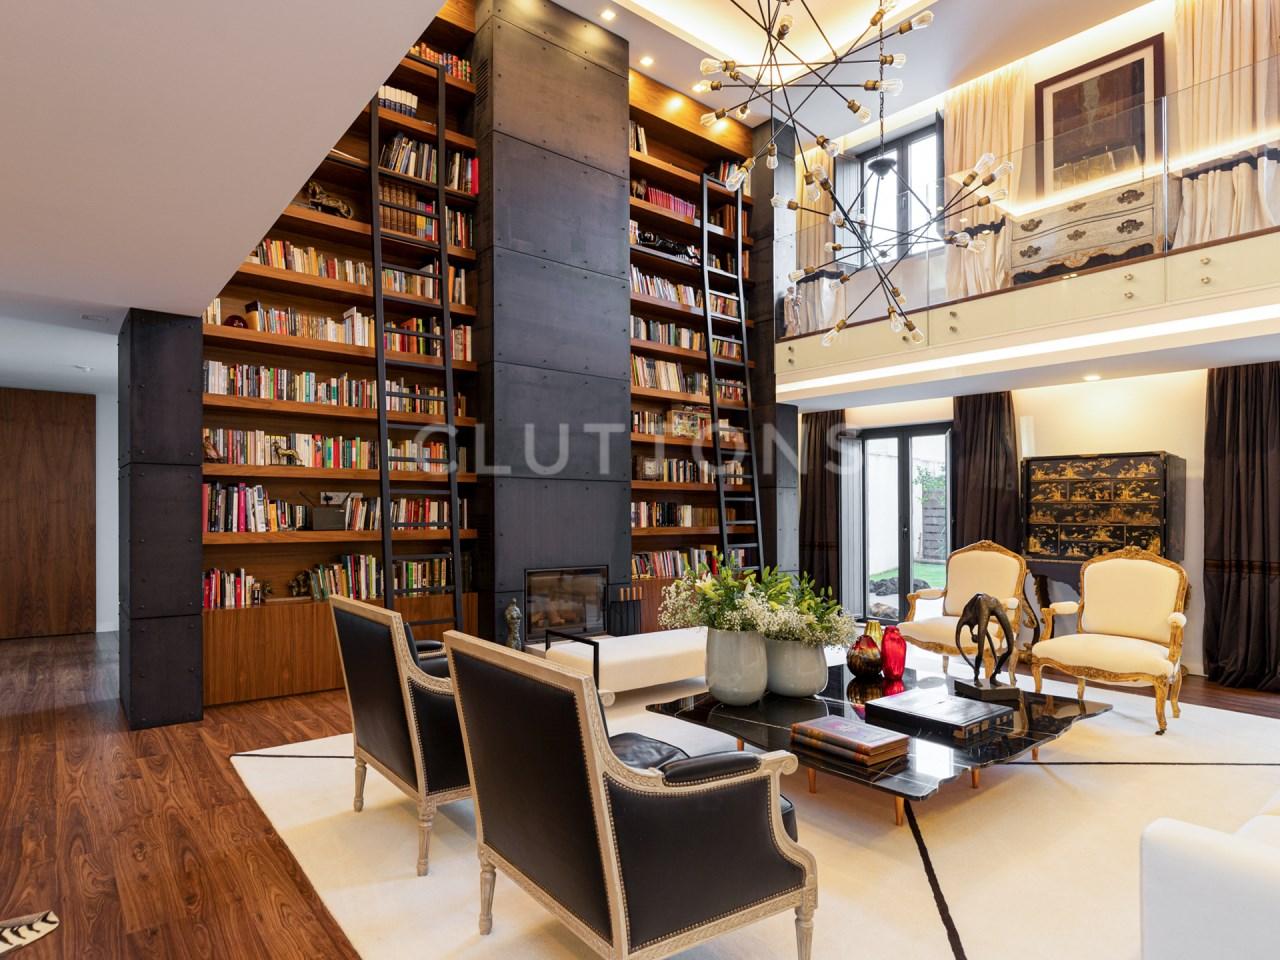 Moradia de luxo 4 suites +1 vista rio